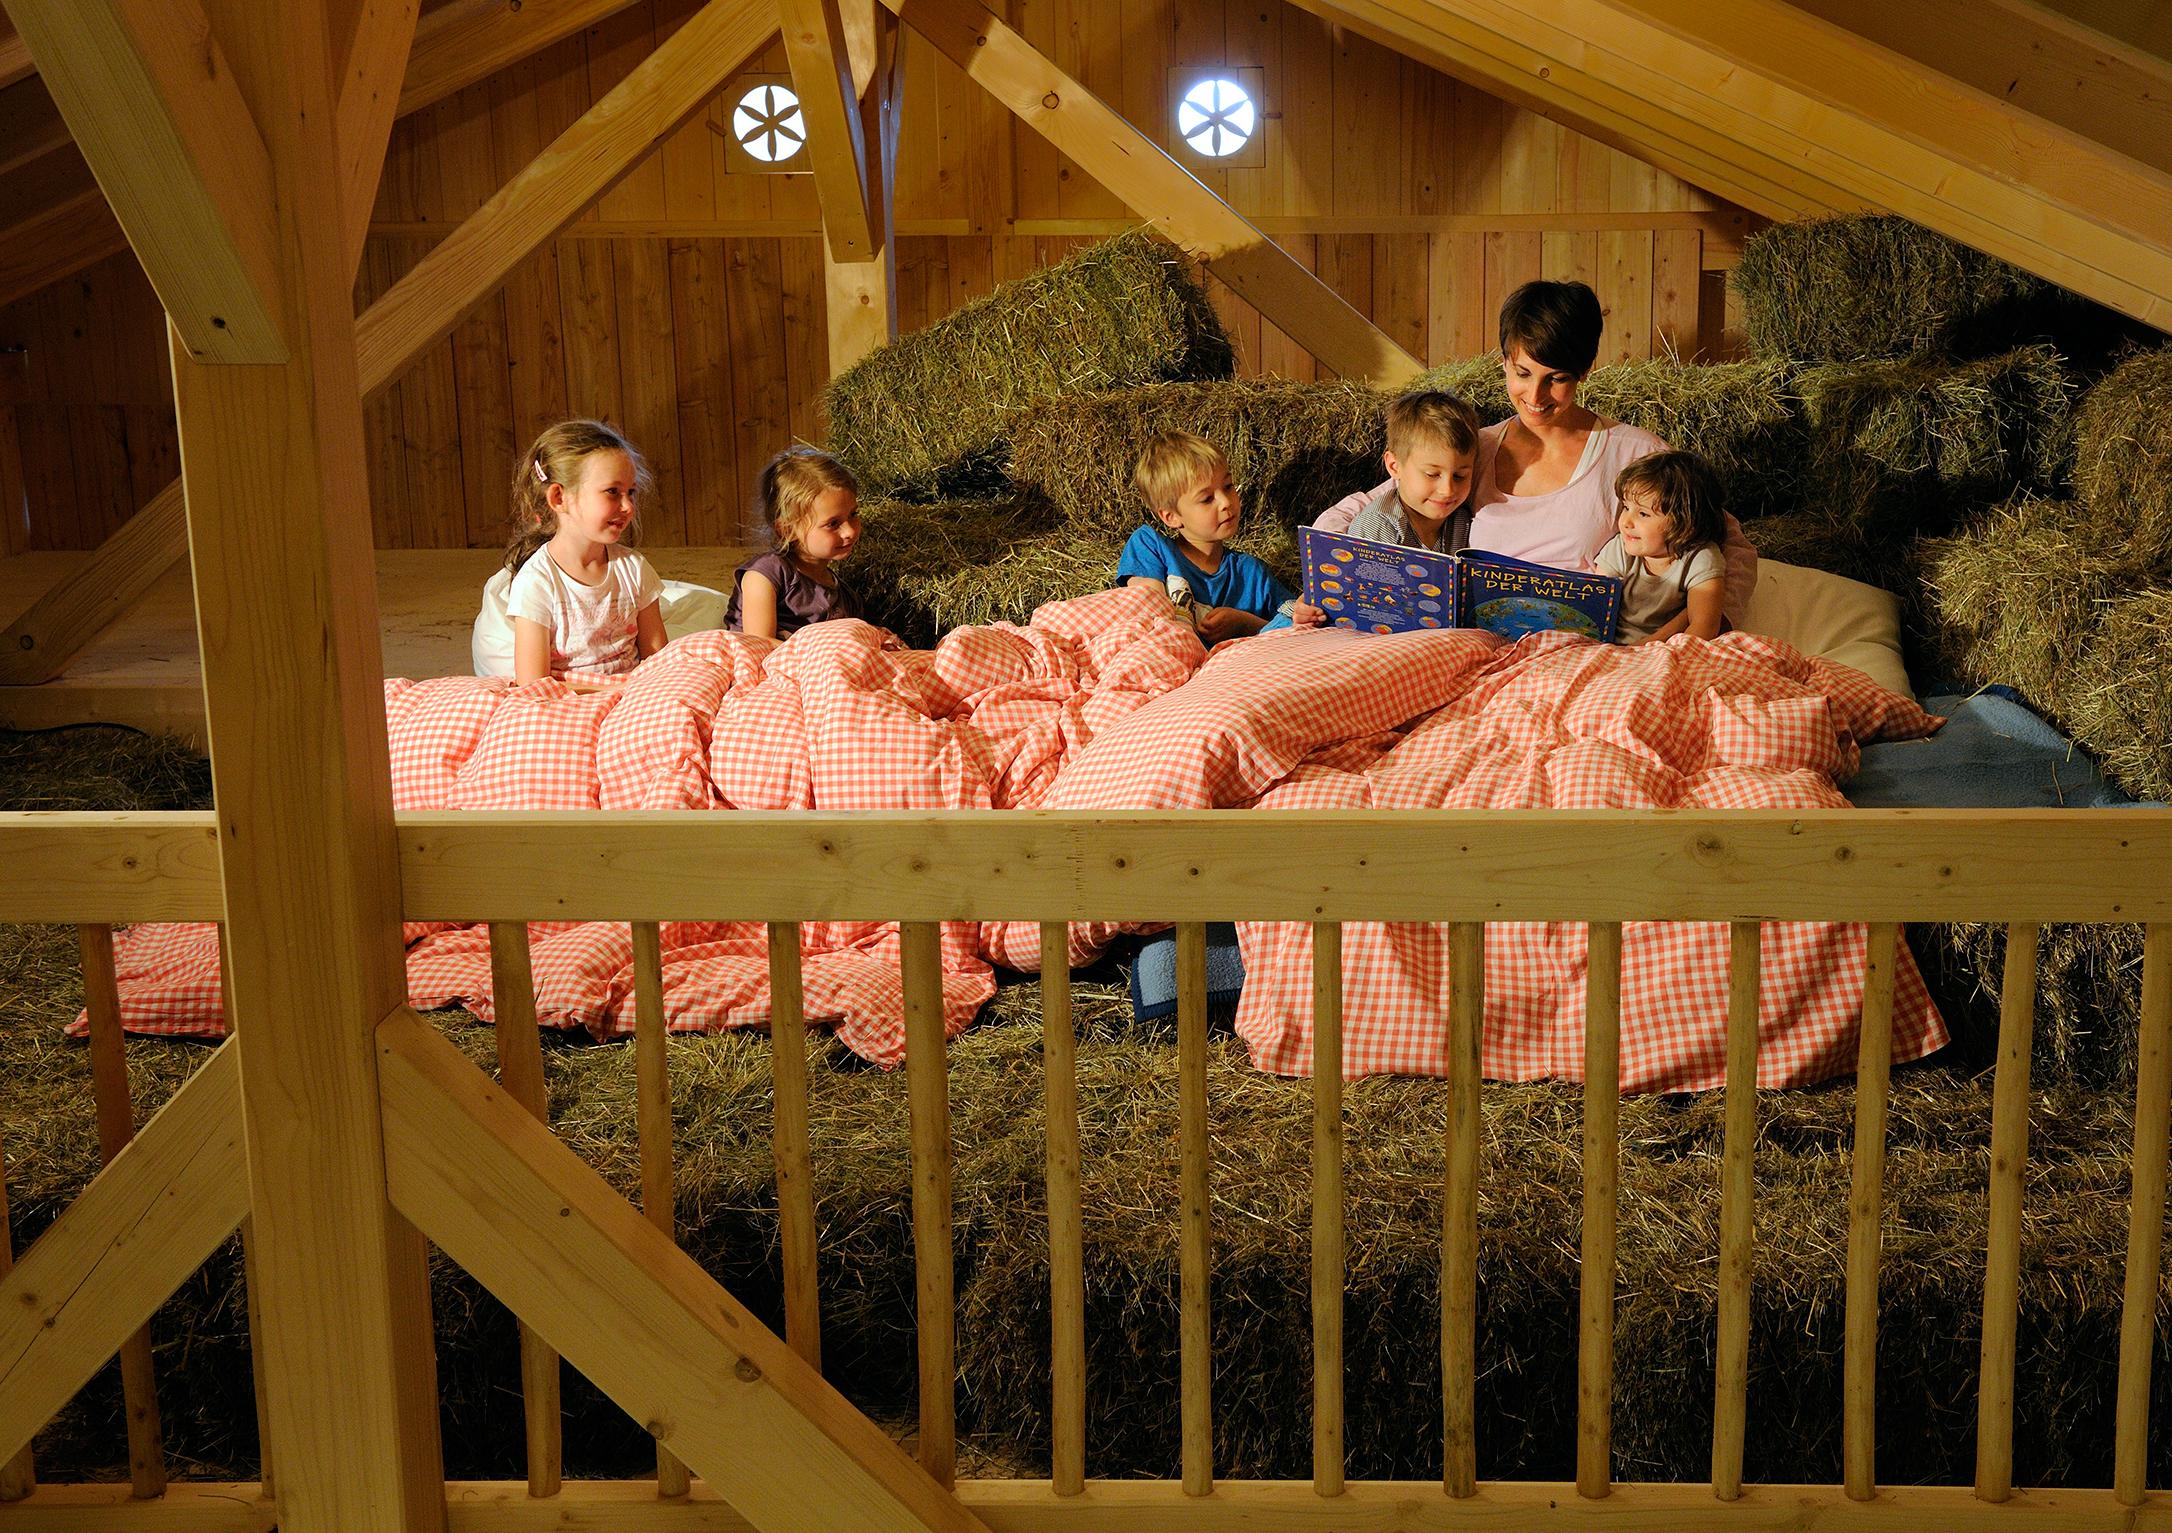 Übernachten im Tierhaus, Urlaub auf dem Bauernhof, Familienurlaub, Urlaub mit Kindern